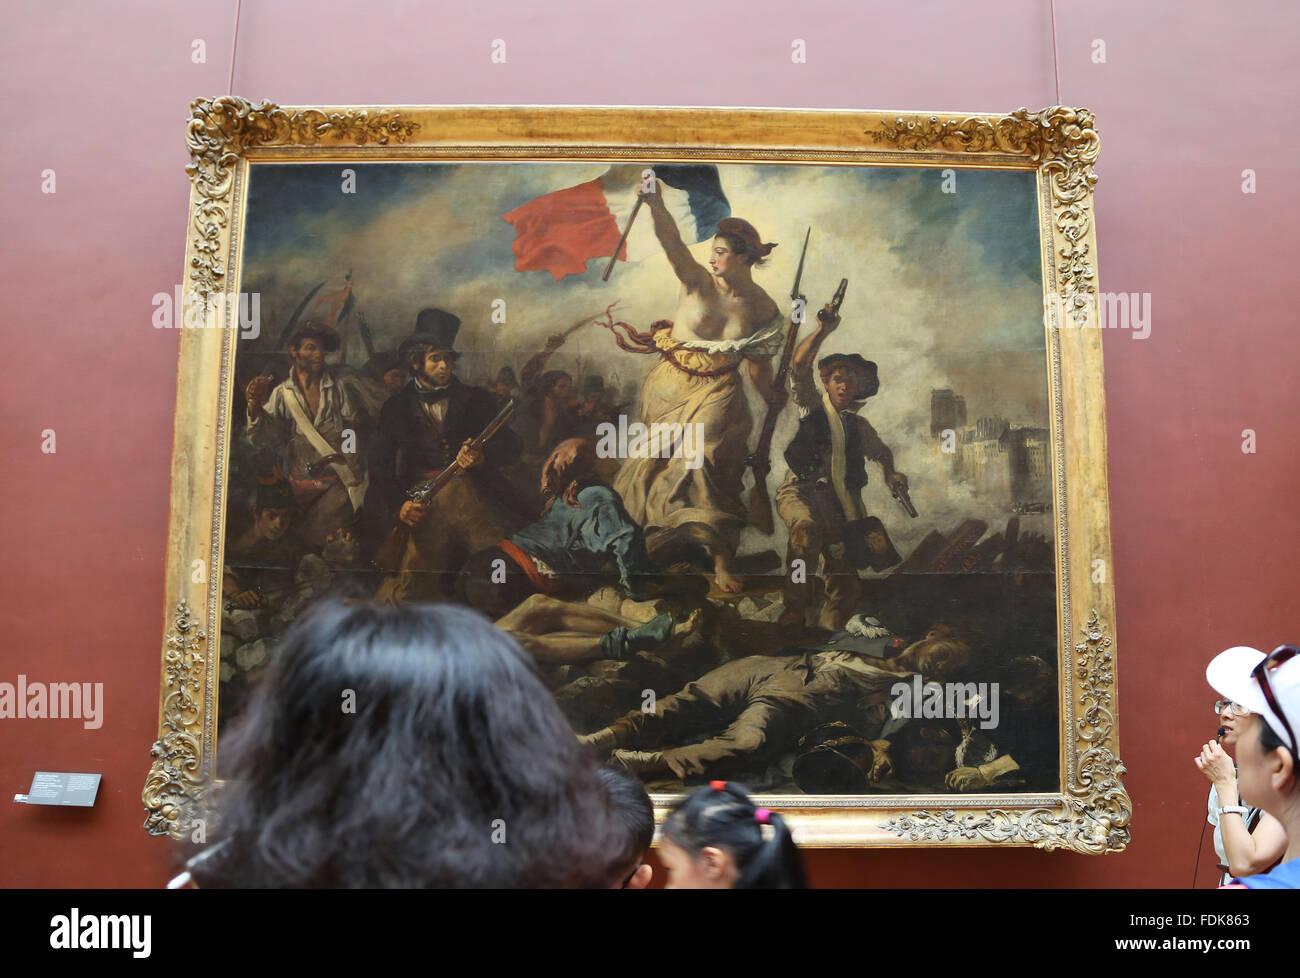 Turista dentro del Museo del Louvre. La Libertad guiando a las personas, de 1831. Por Eugene Delacroix. París. Imagen De Stock